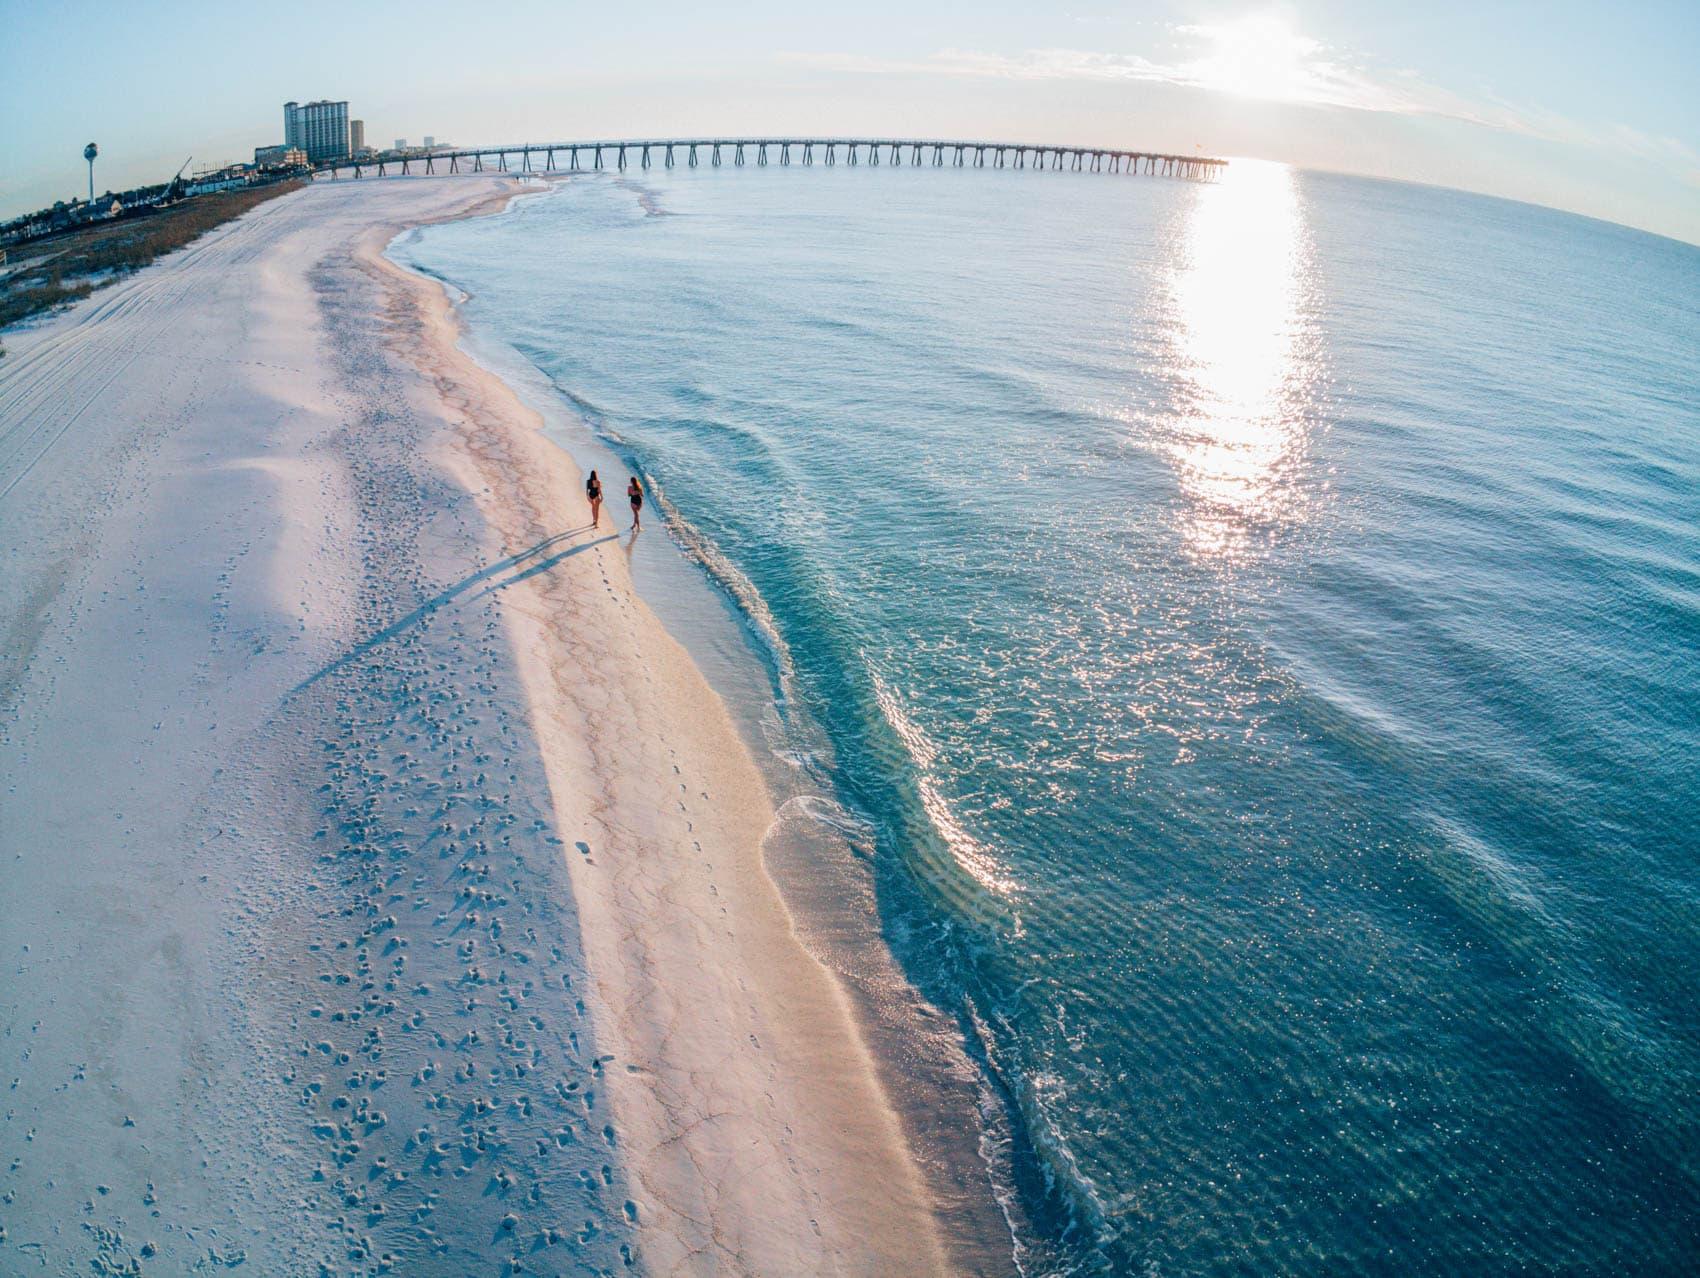 Florida Panhandle Rundreise - Mit dem Auto entlang der Golfküste